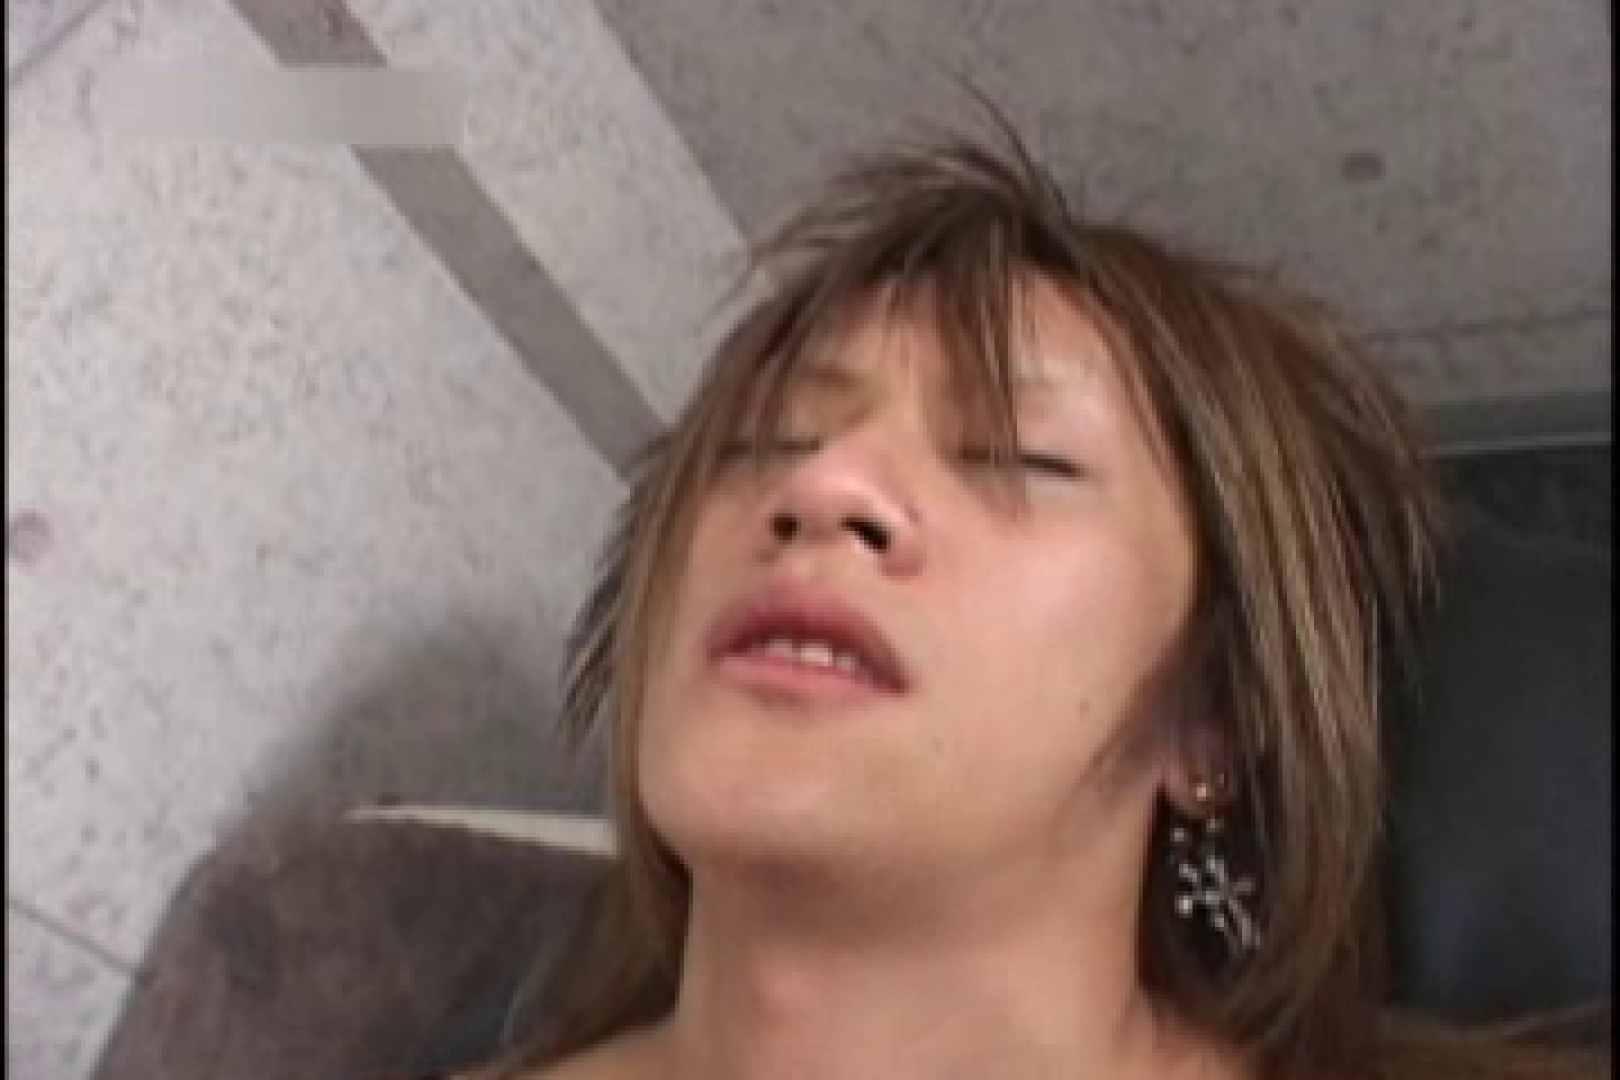 大集合!!カッコ可愛いメンズの一穴入根!! vol.05 手コキ ゲイエロビデオ画像 66pic 16